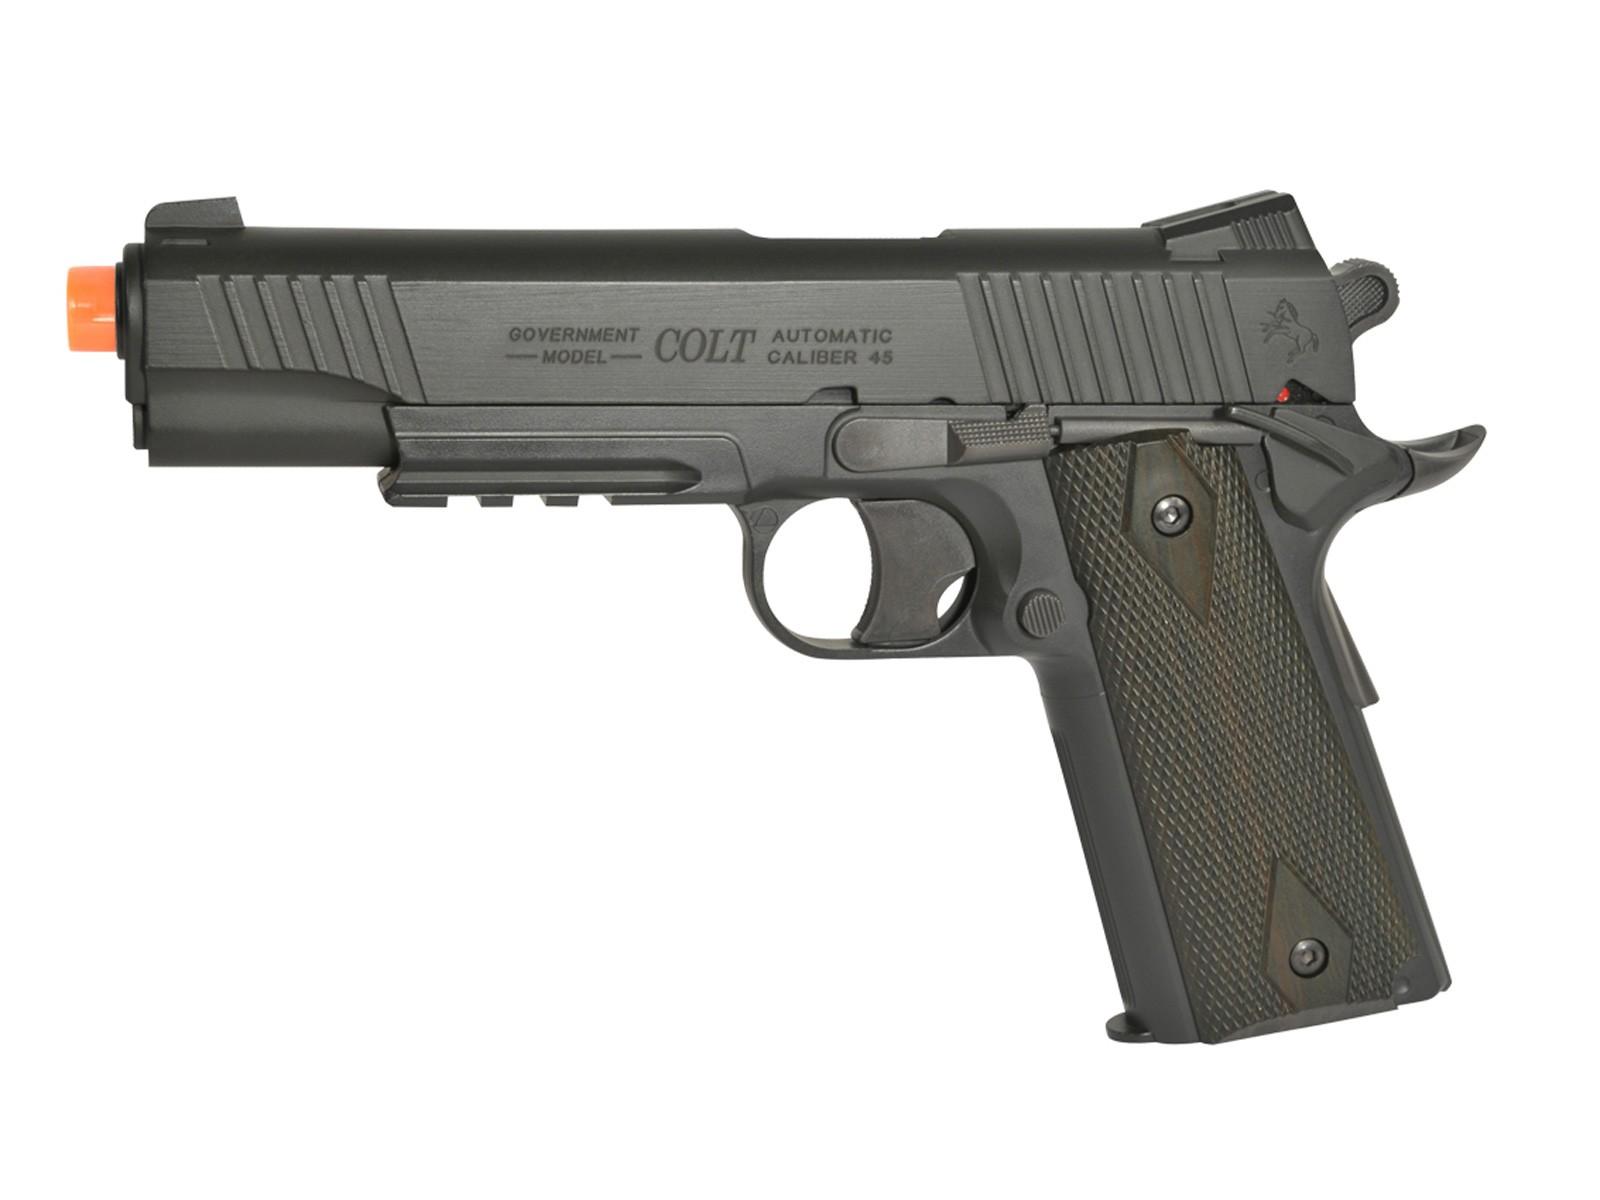 Colt 1911 airsoft gun cock